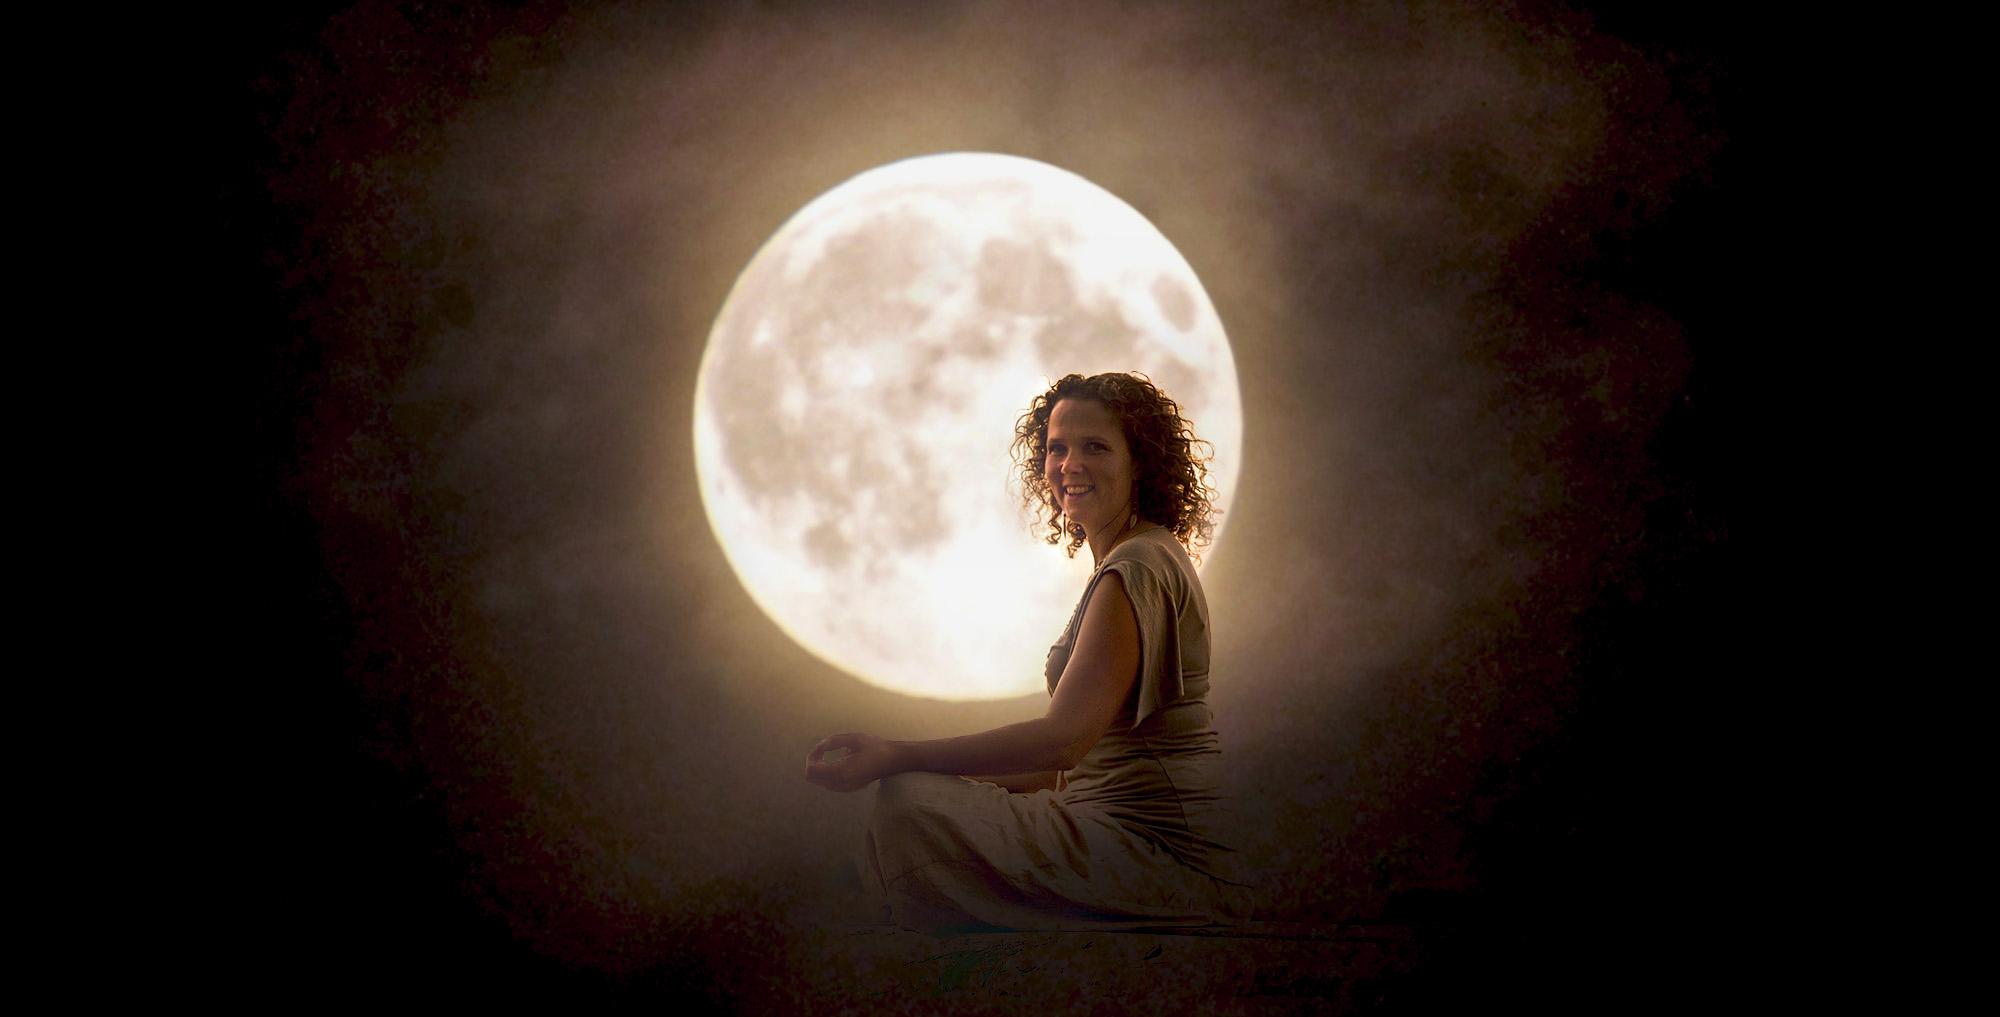 maanvrouw